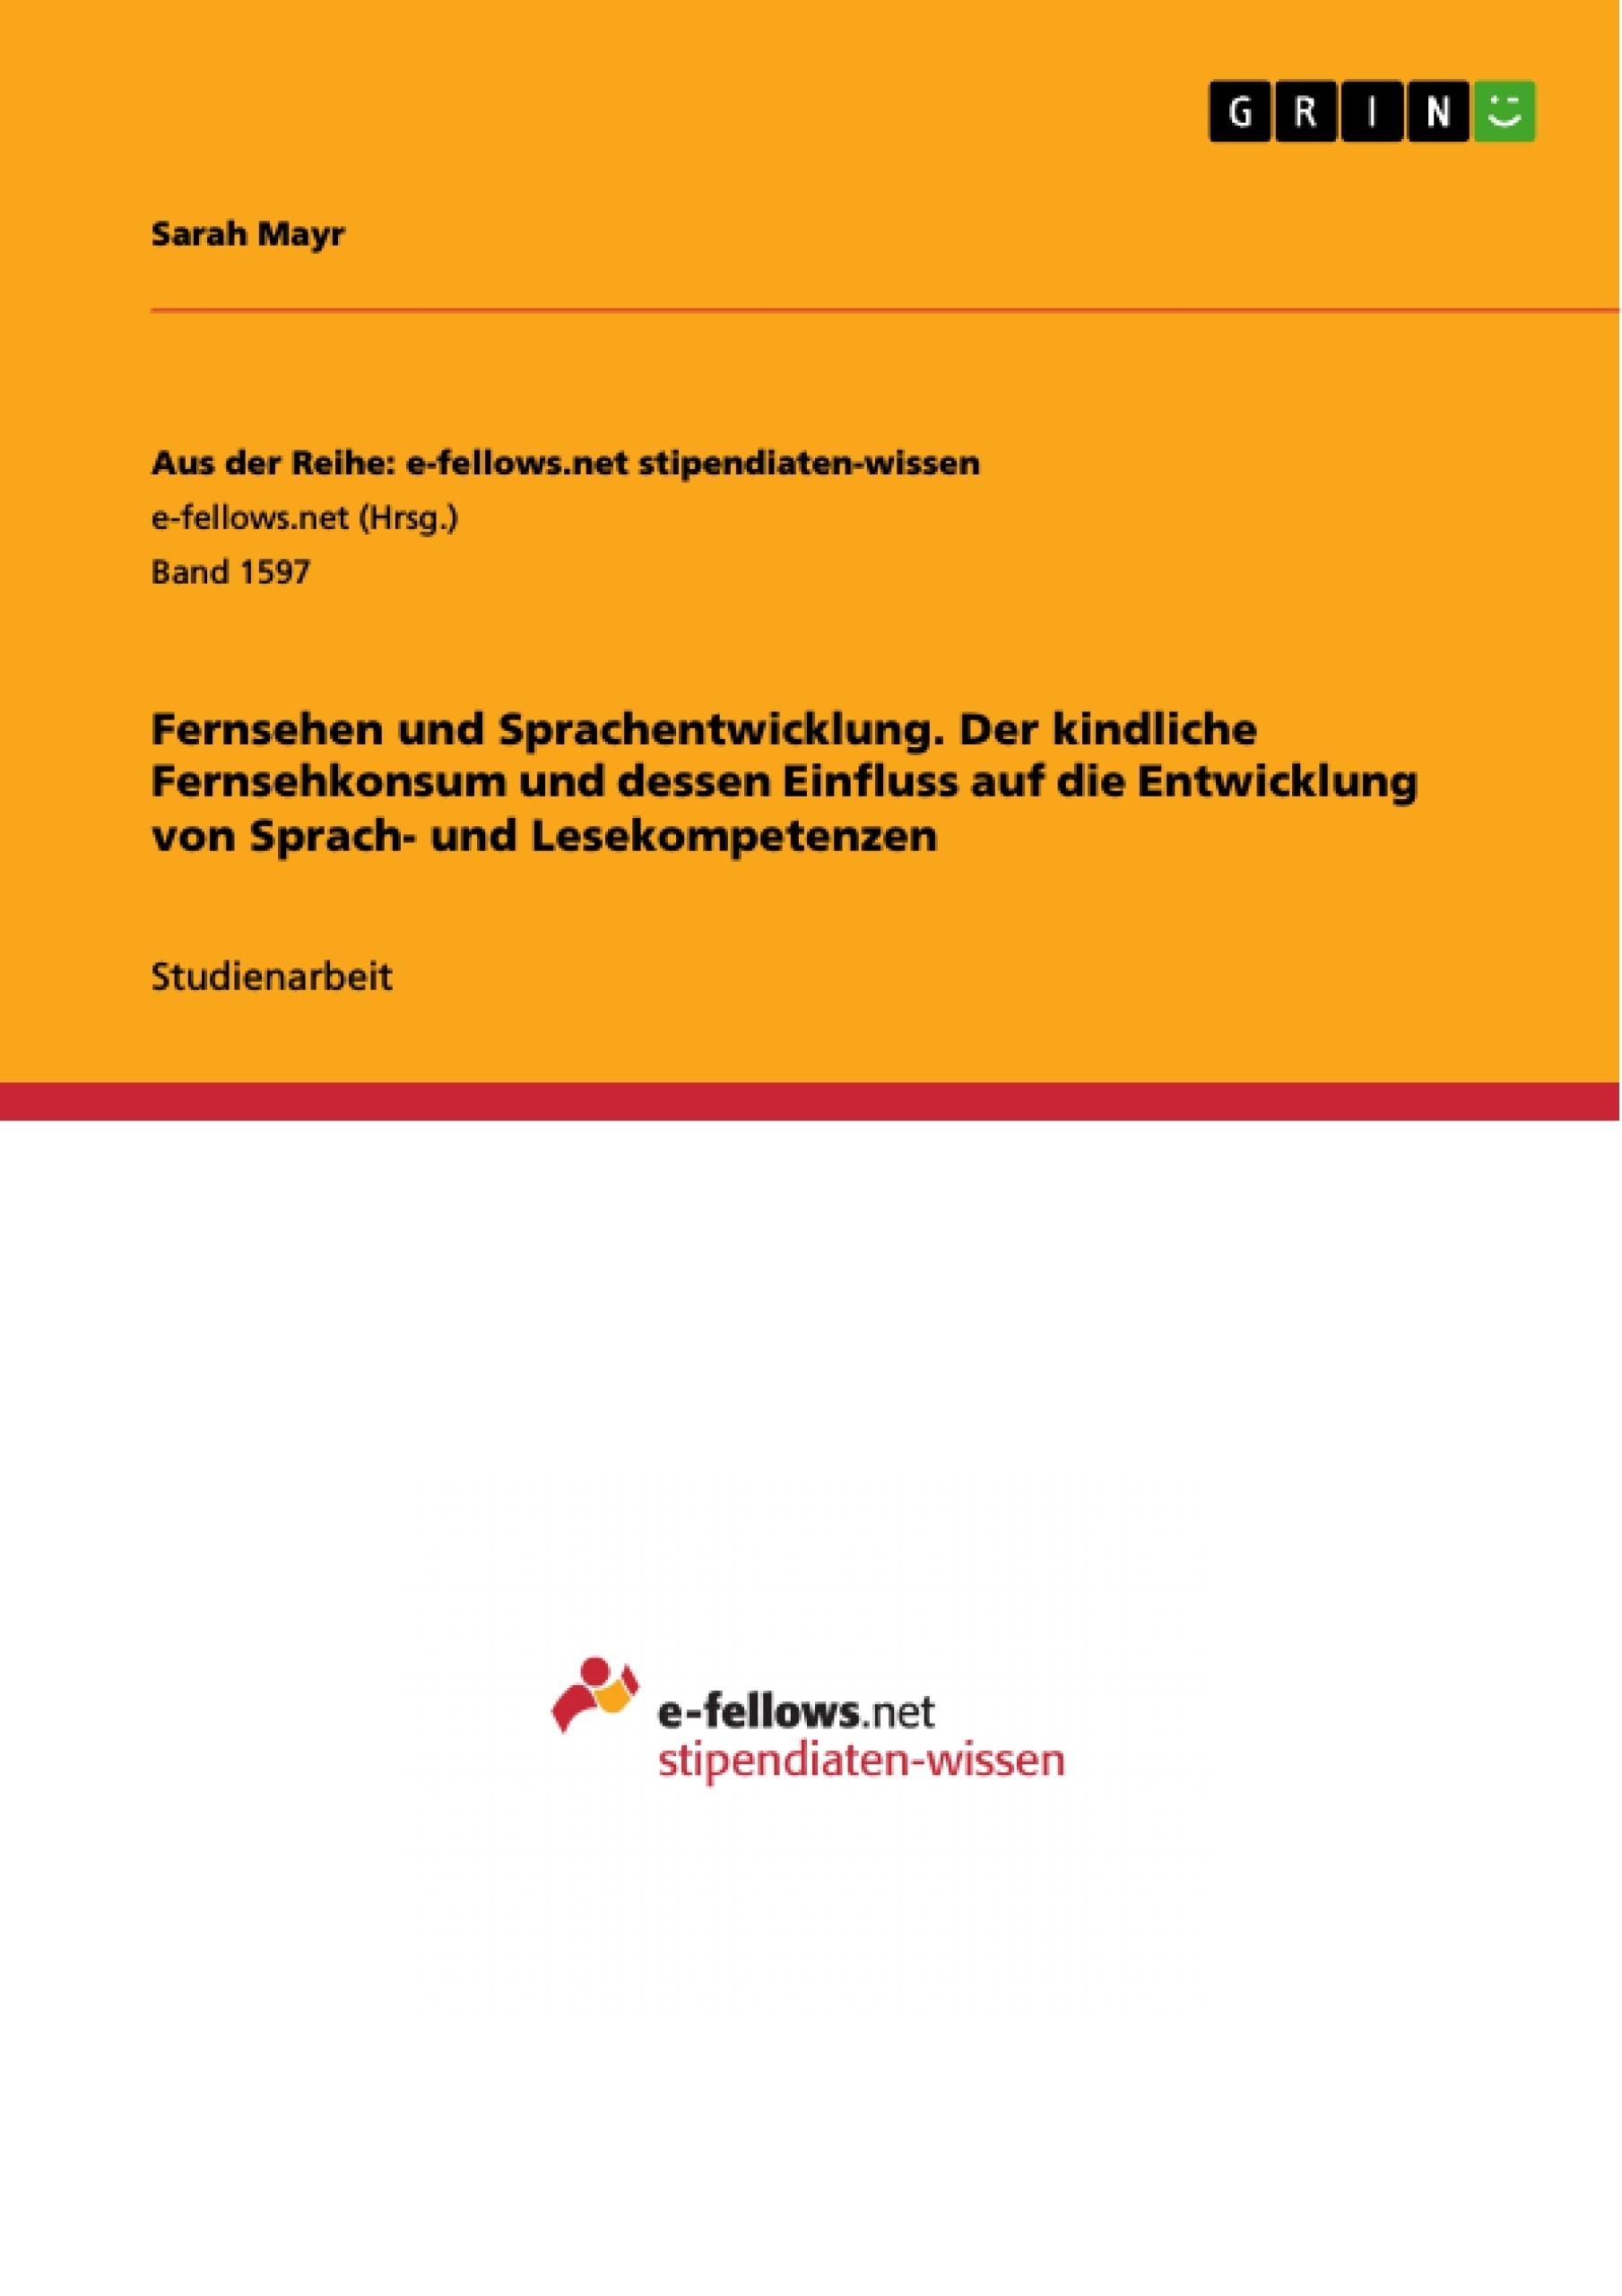 Titel: Fernsehen und Sprachentwicklung. Der kindliche Fernsehkonsum und dessen Einfluss auf die  Entwicklung von Sprach- und Lesekompetenzen